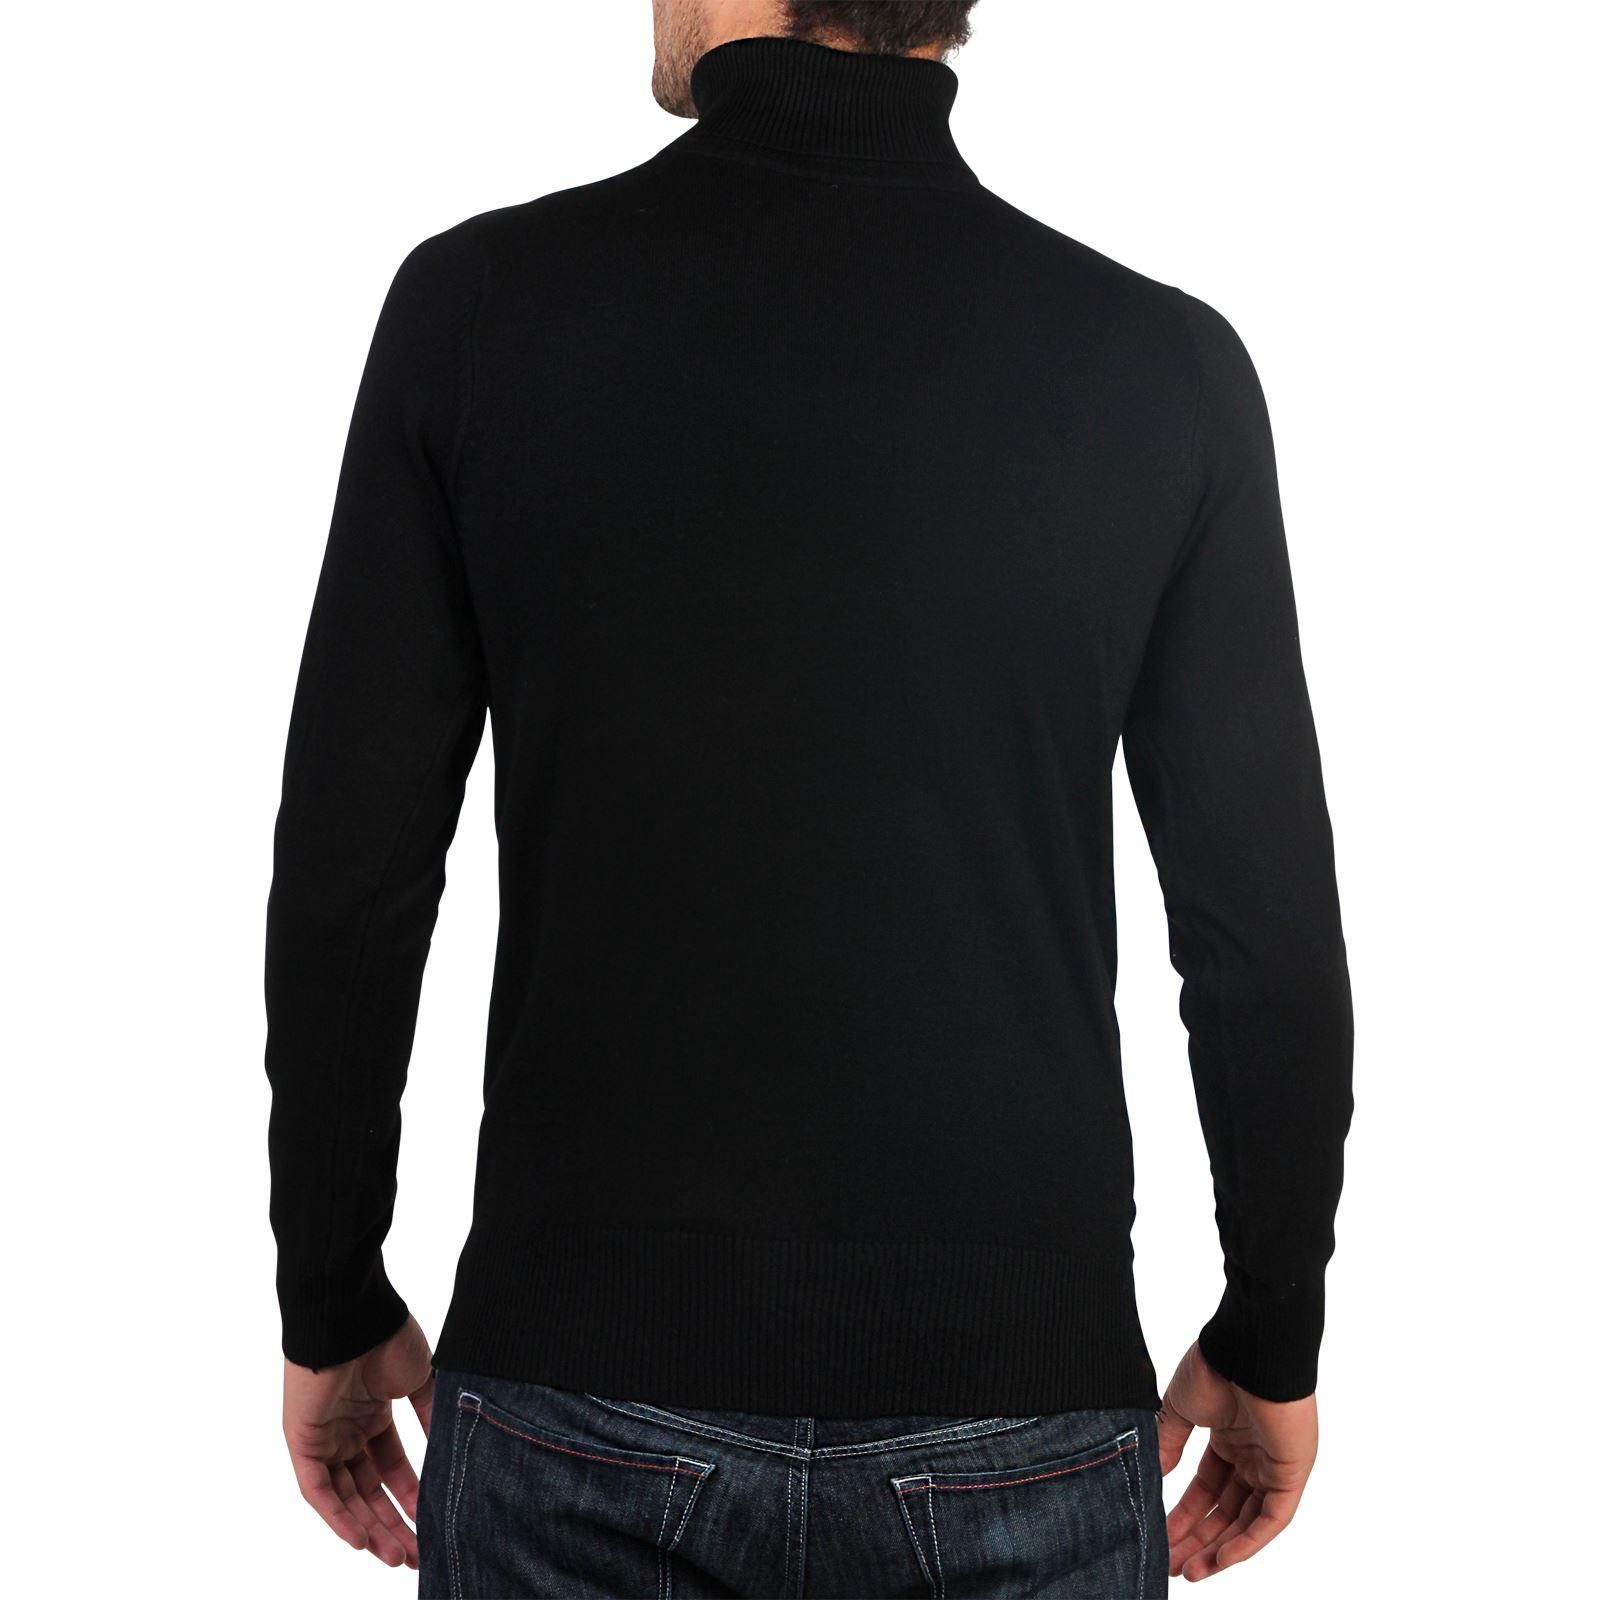 Hommes-Pull-Col-Roule-Uni-Classique-Manche-Longue-Polo-T-Shirt-Slim-Fit-Coton miniature 7